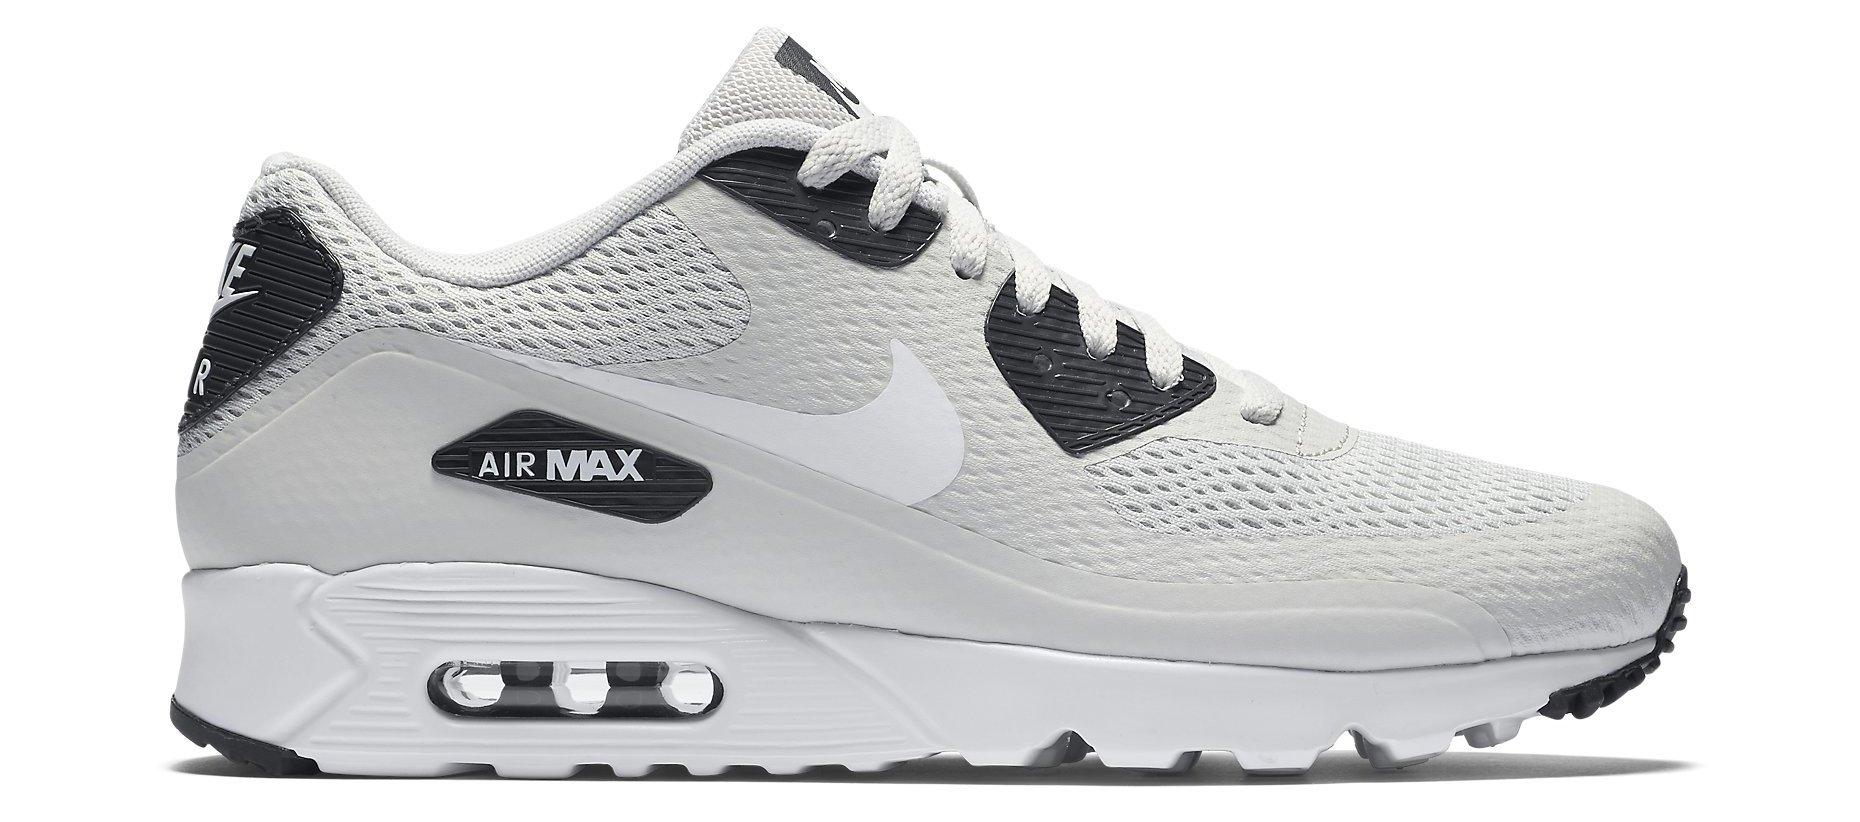 578f74fd356 Pánská volnočasová obuv Nike Air Max 90 Ultra Essential